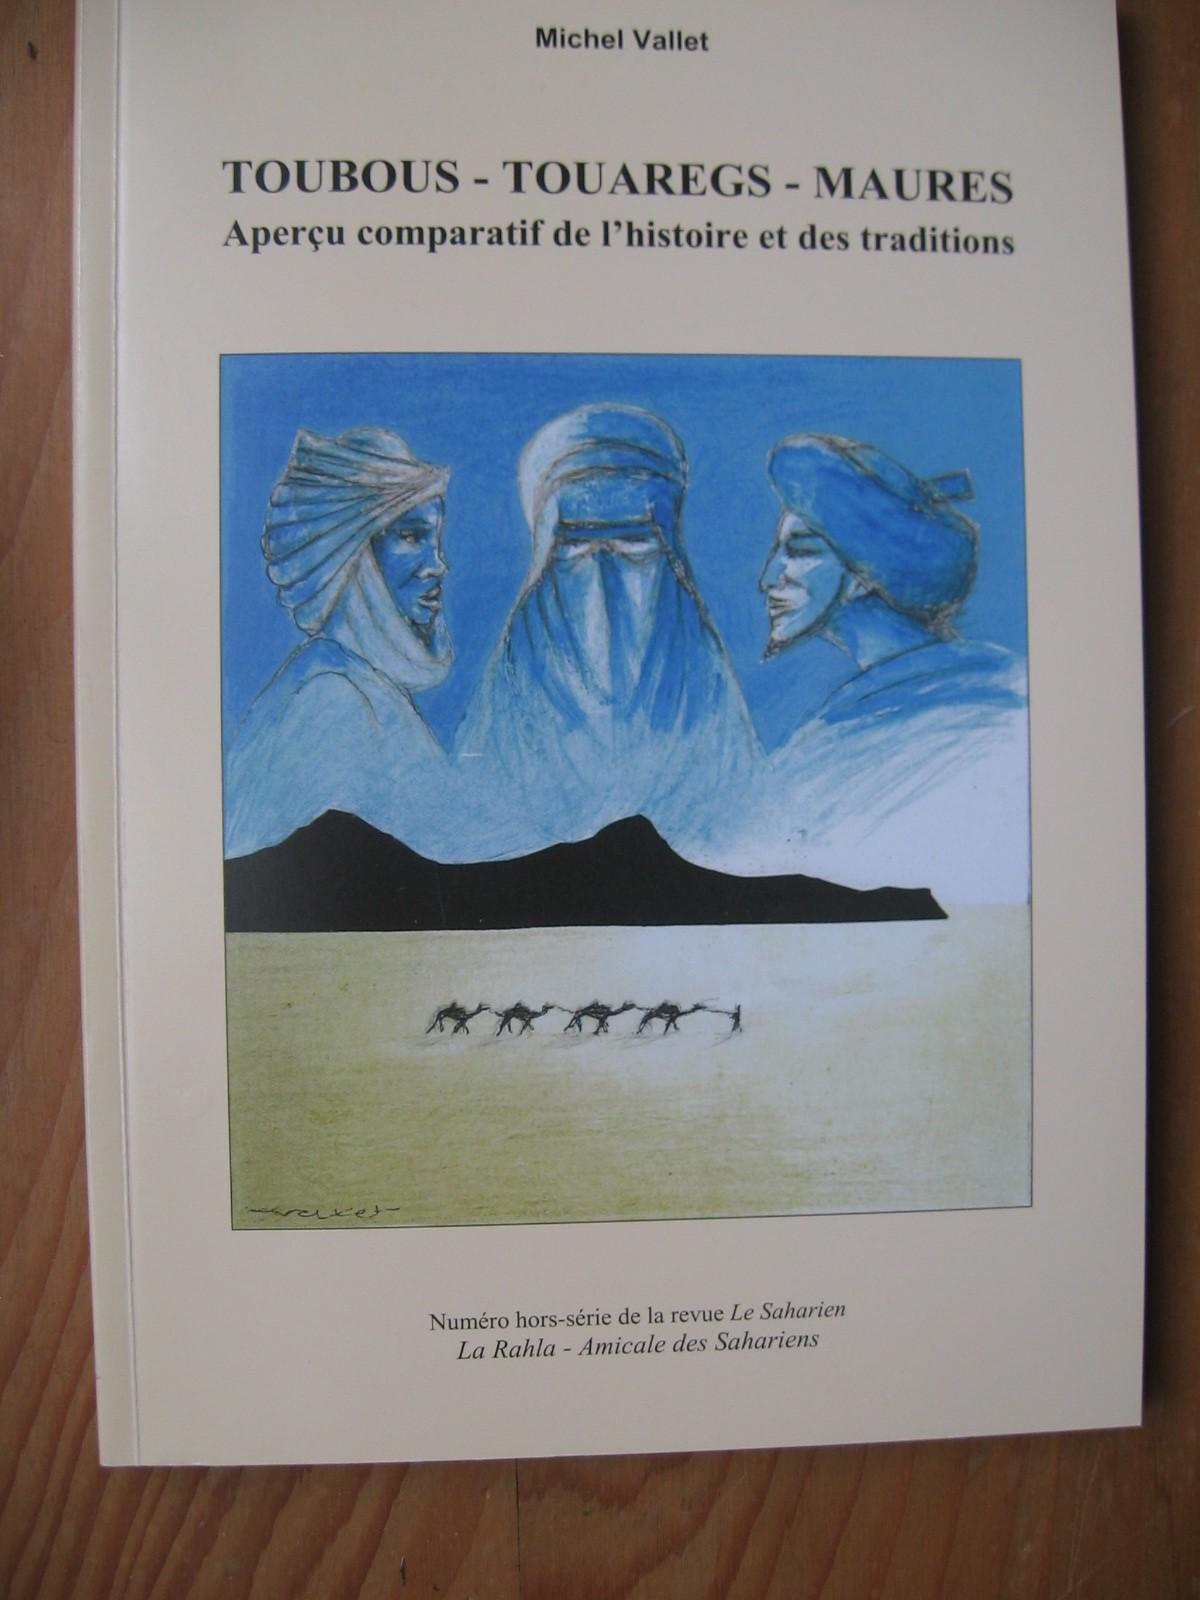 couverture du livre de Michel Valet